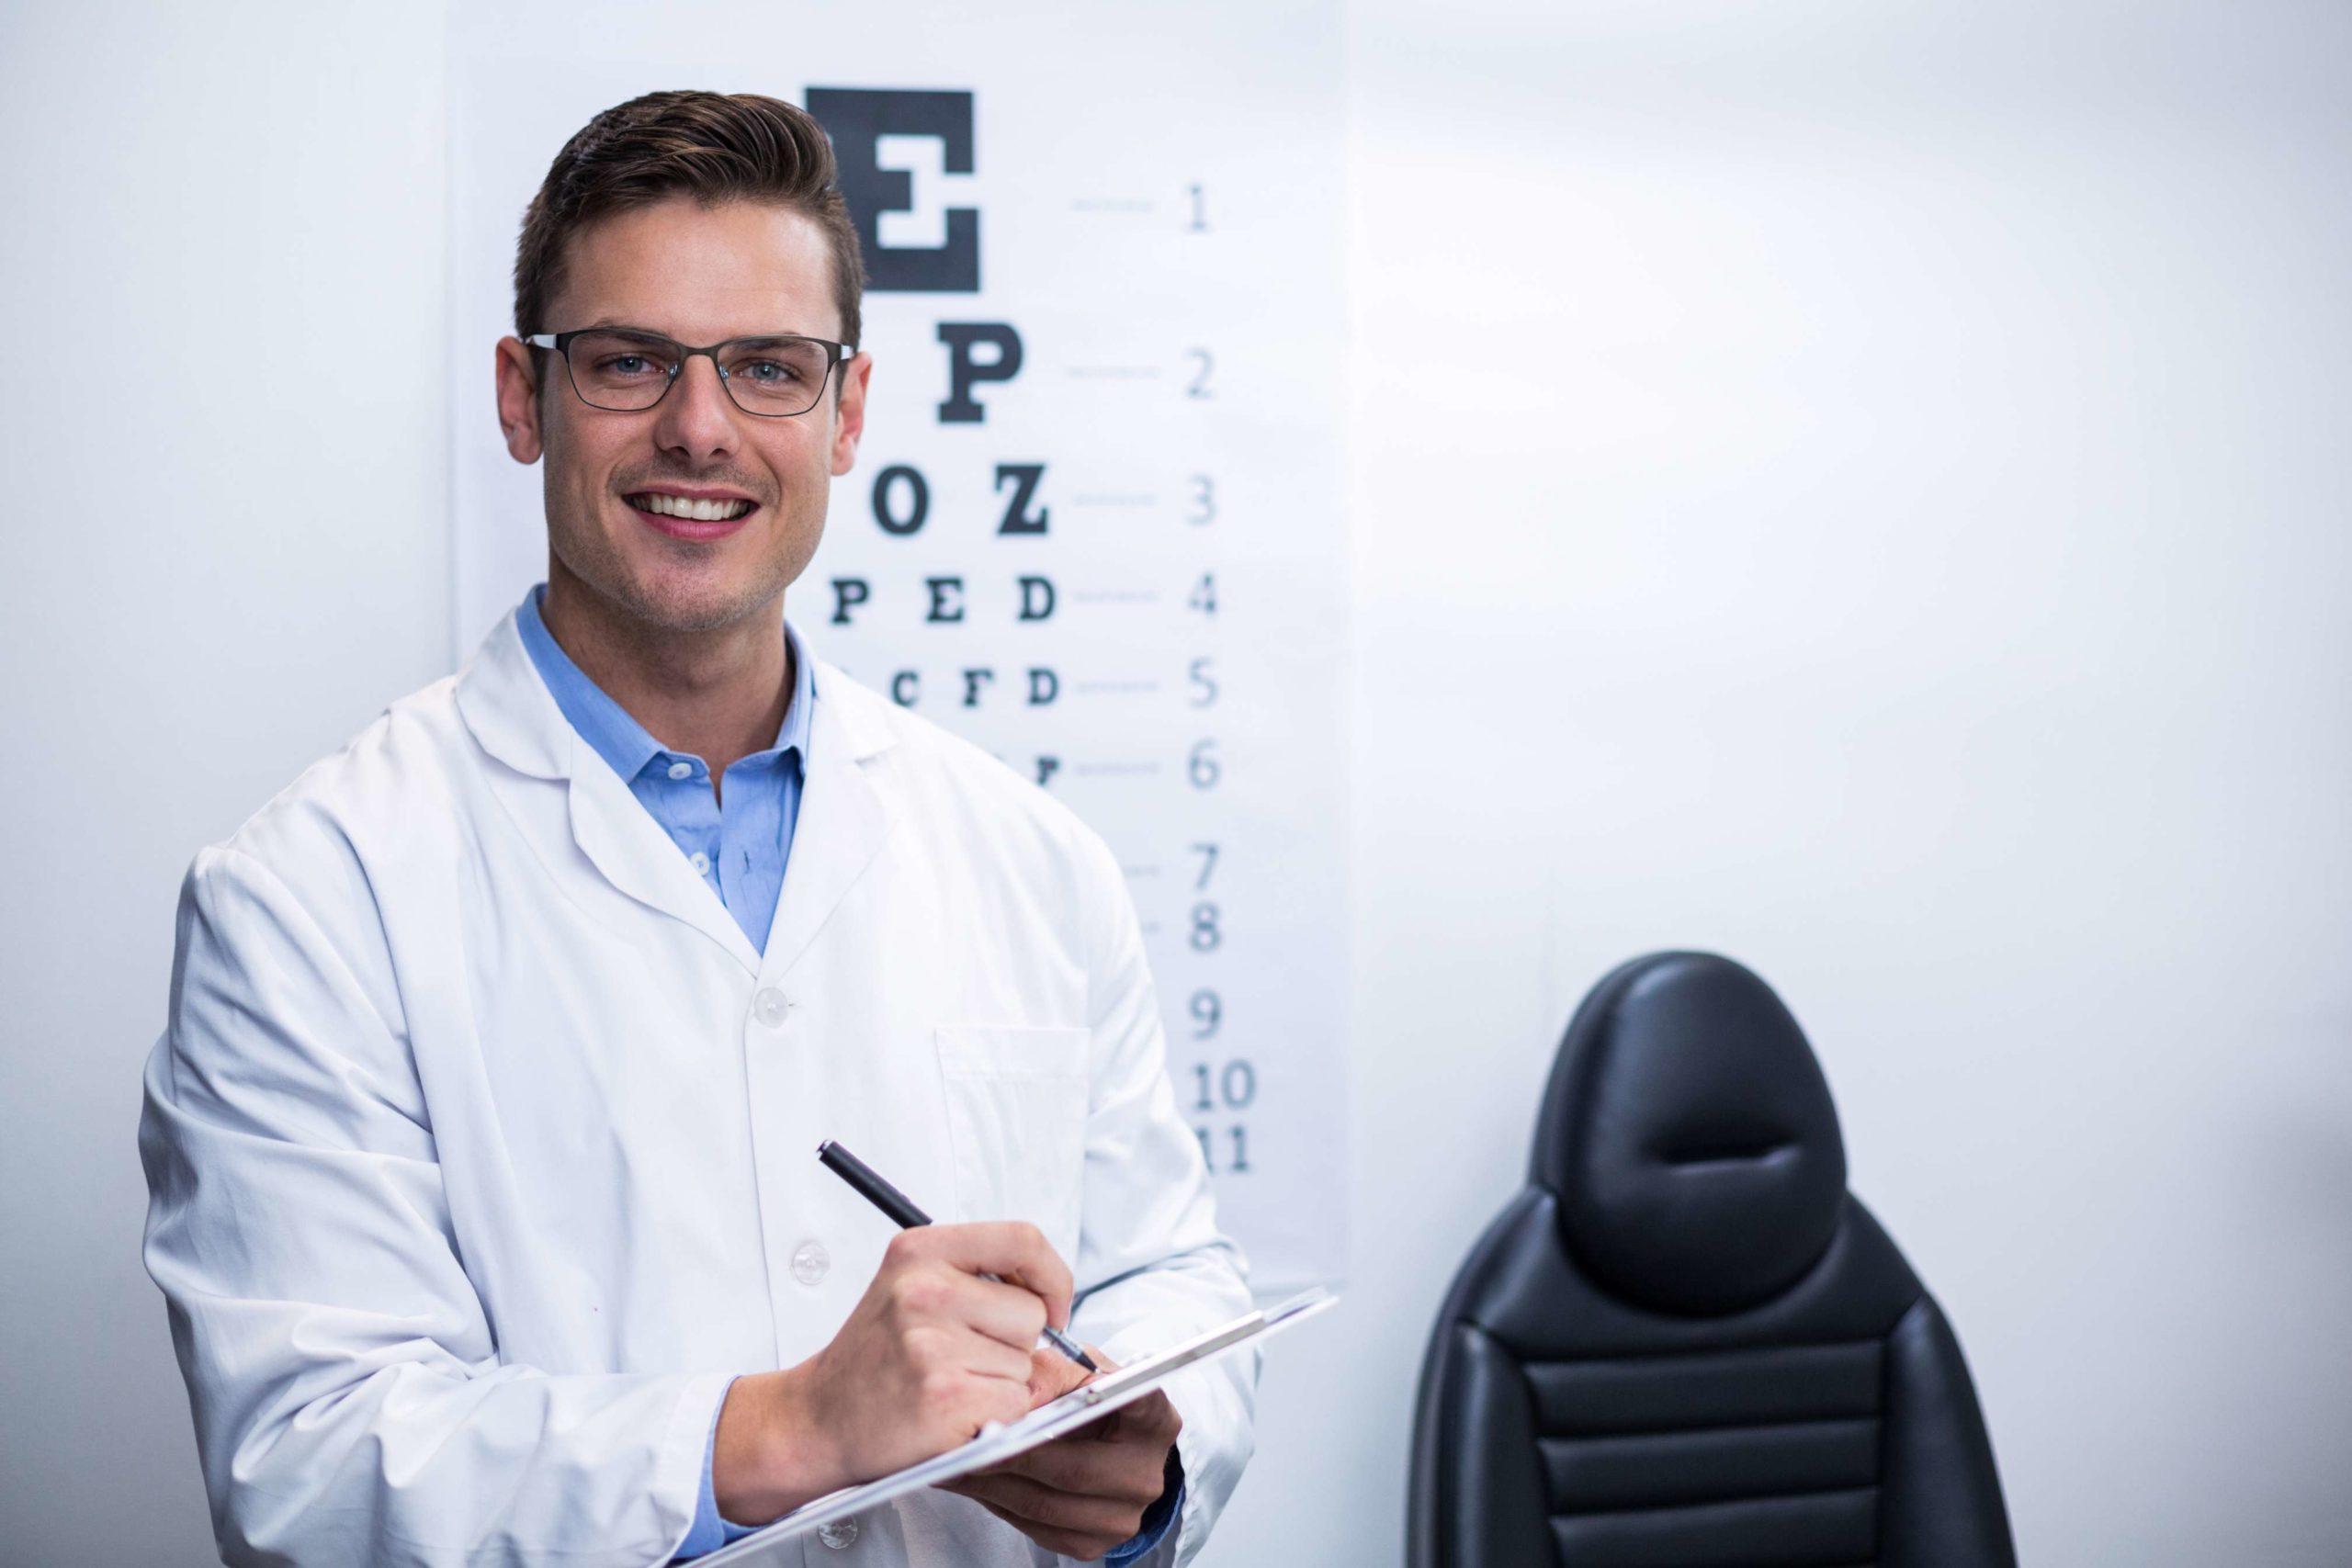 מרפאת עיניים בדיקות עיניים ופענוח תוצאות